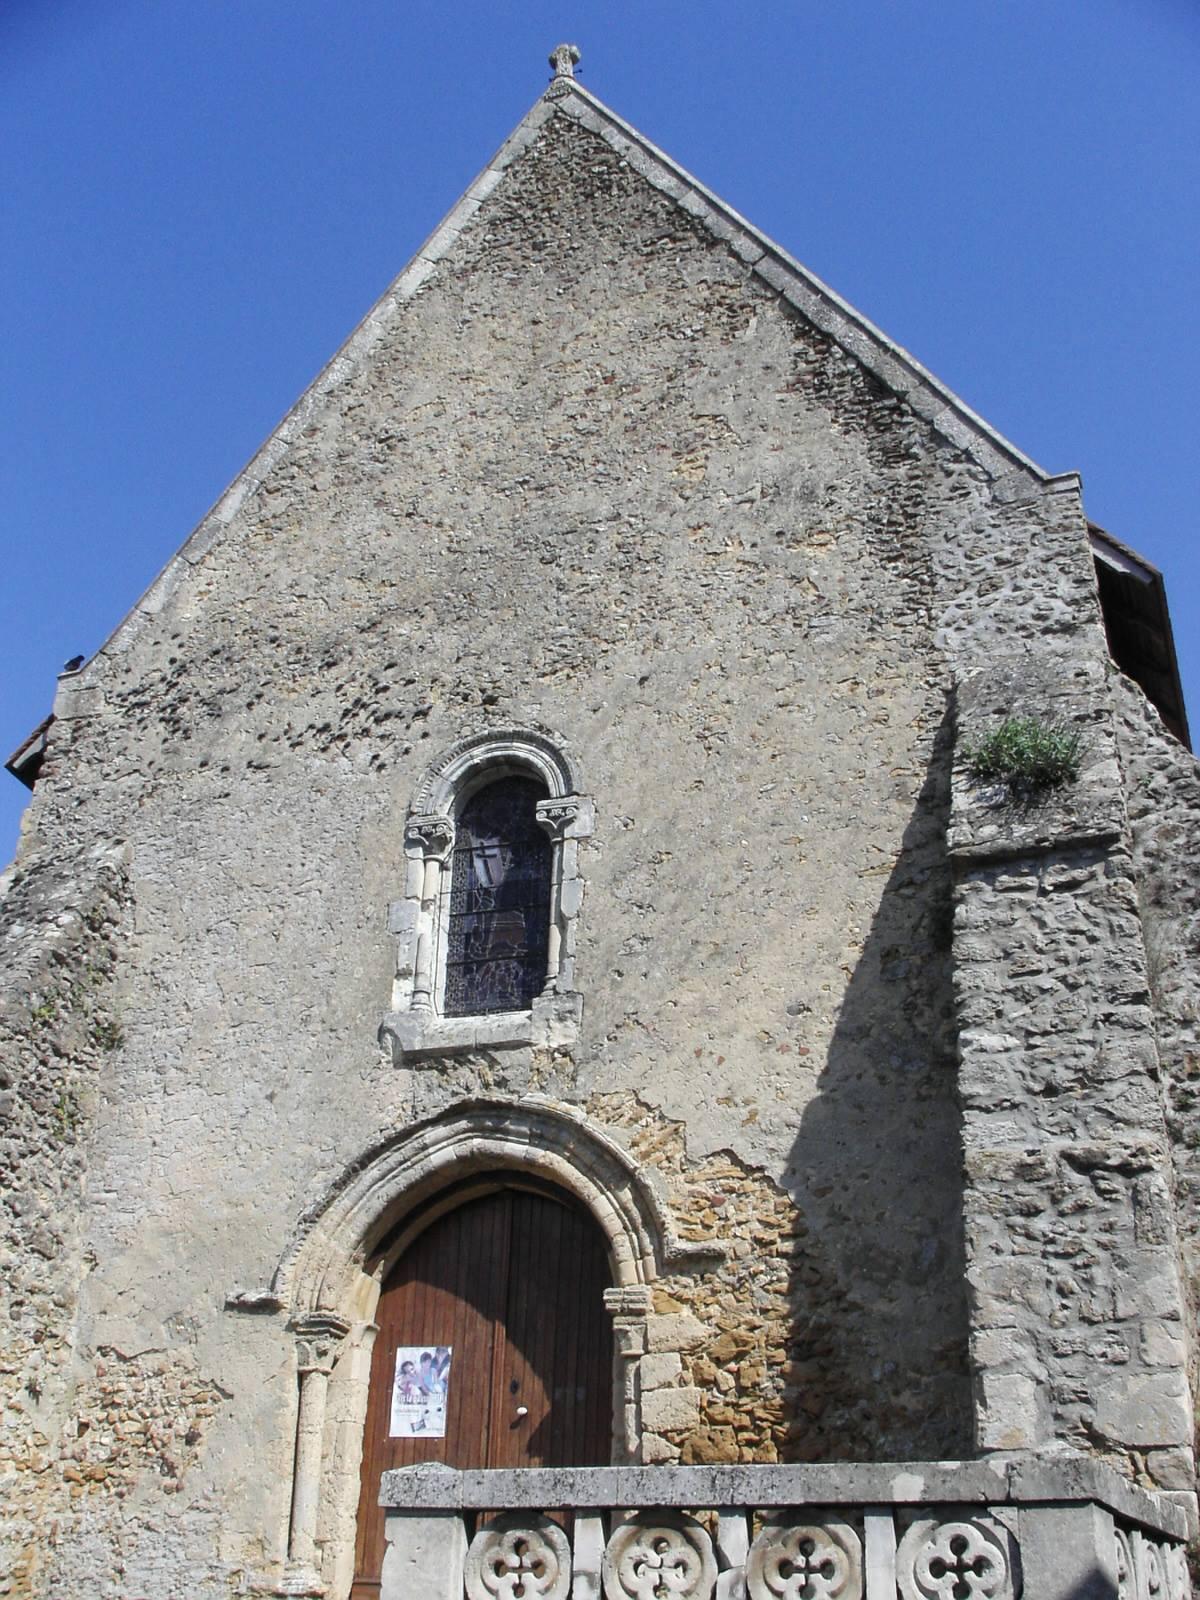 Saint Michel de Chavaignes en 2005 - Eglise Saint Michel 05 (Menu Christophe dit Tahiti)